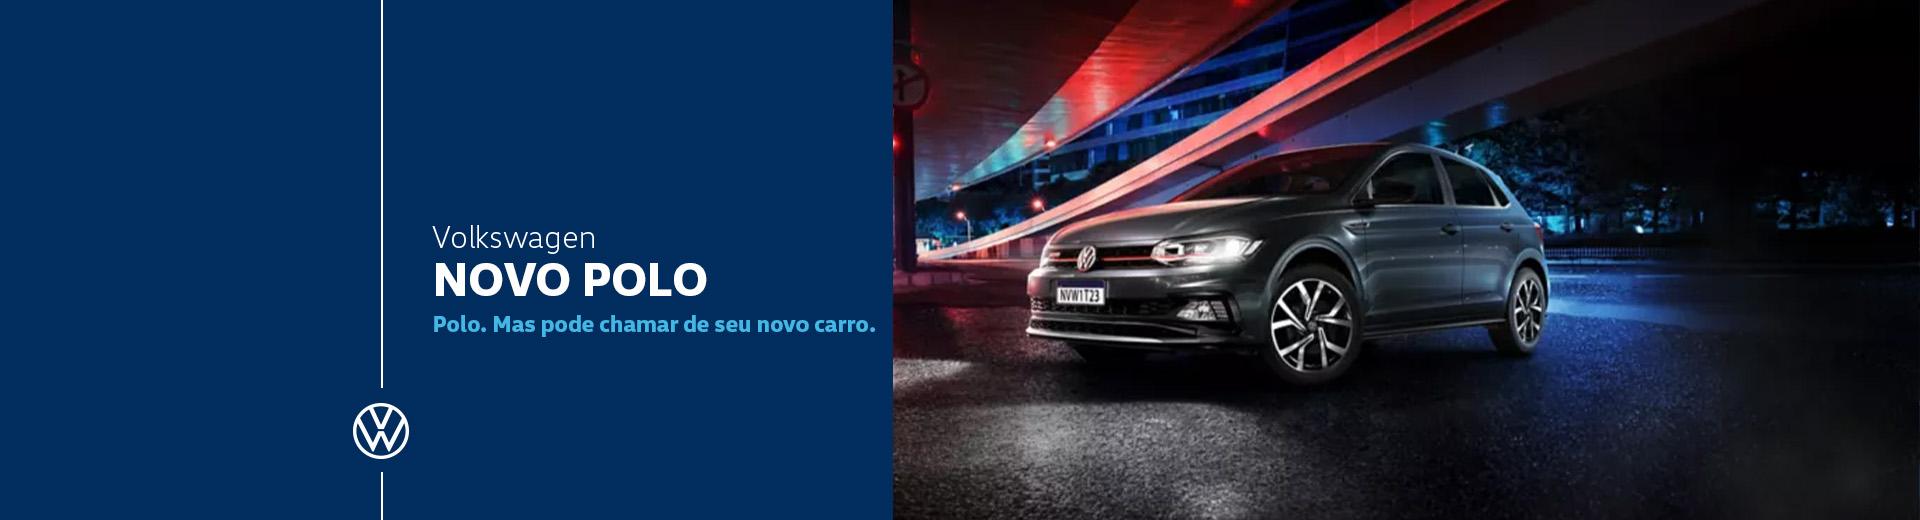 Novo Volkswagen Polo para Comprar na Concessionária Autorizada Divosul Volkswagen em Porto União, Santa Catarina, SC